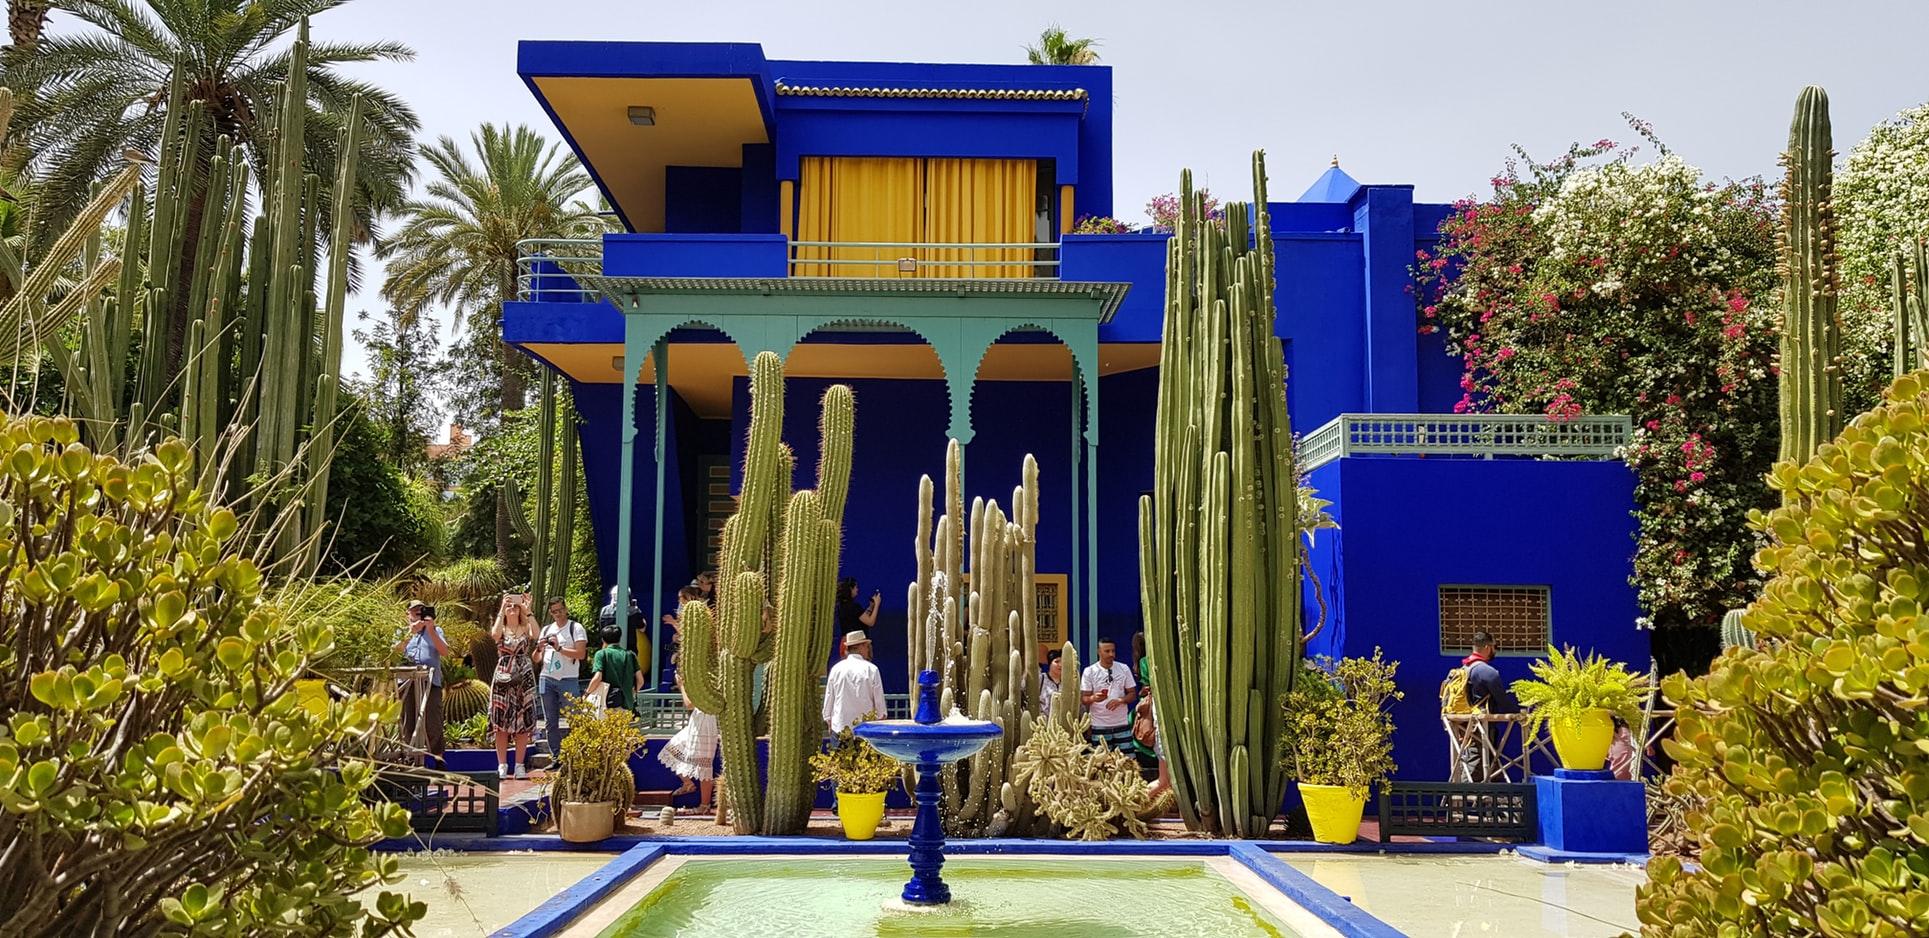 Day 9: Marrakech